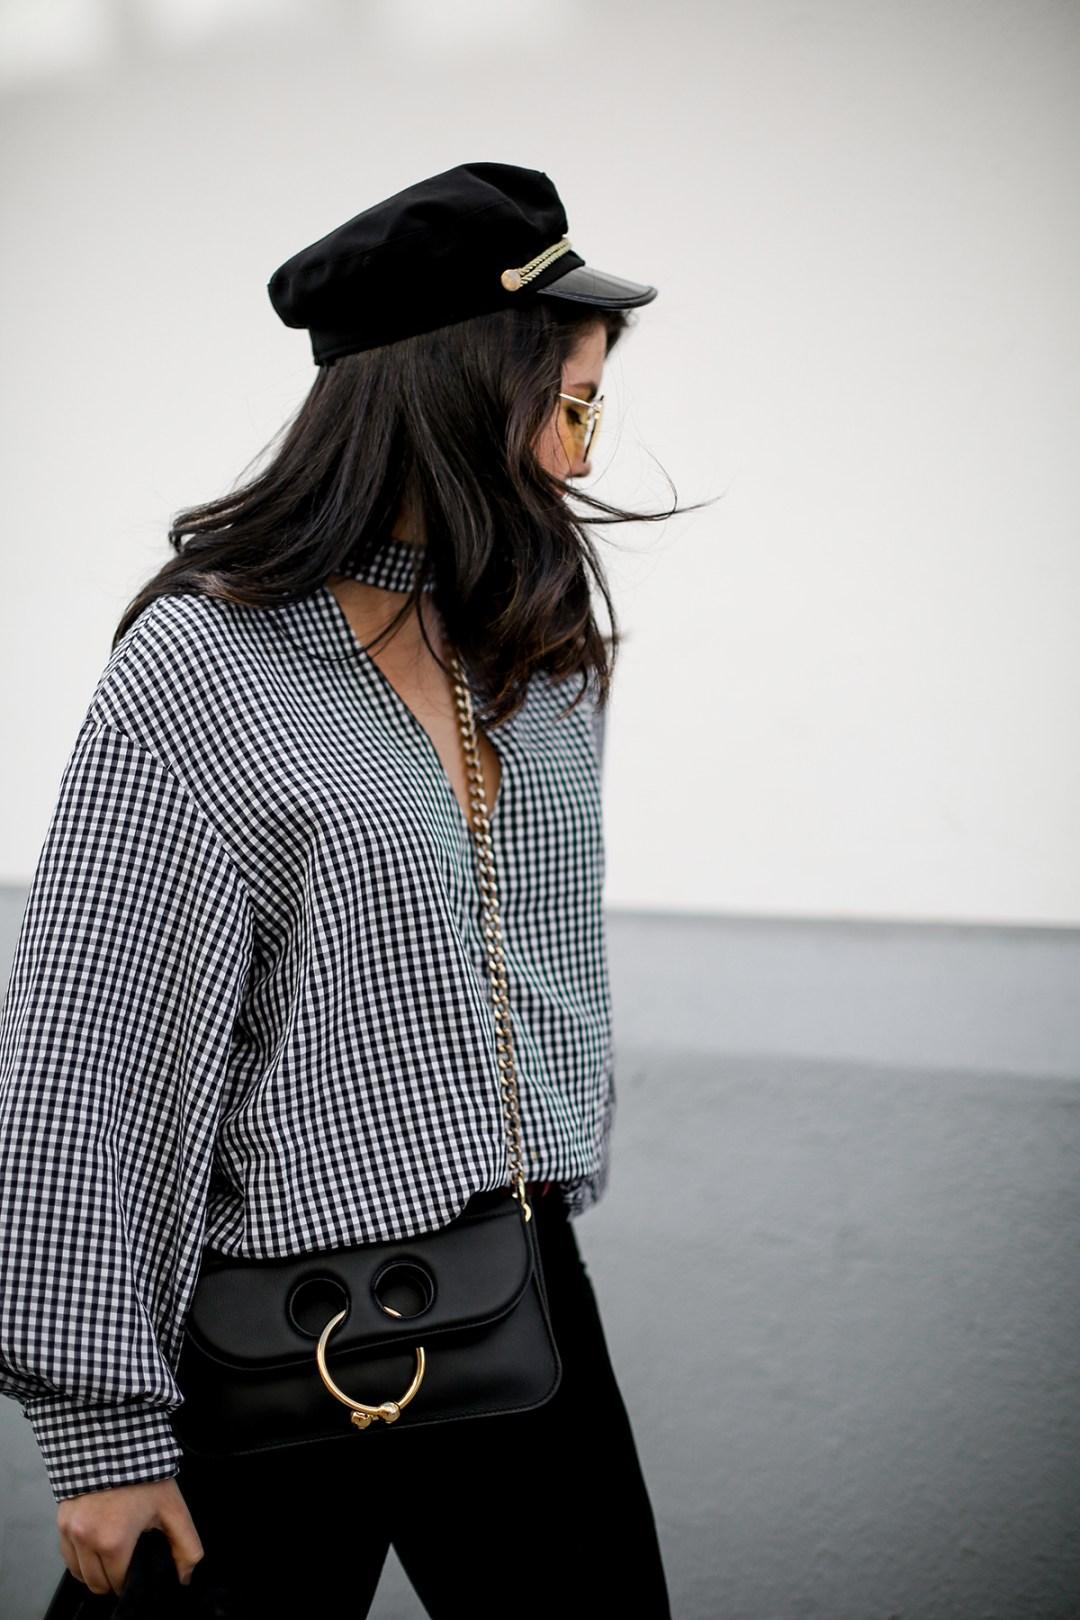 camisa-cuadros-vichy-chanel-slingback-pierce-bag-jw-anderson-myblueberrynightsblog2